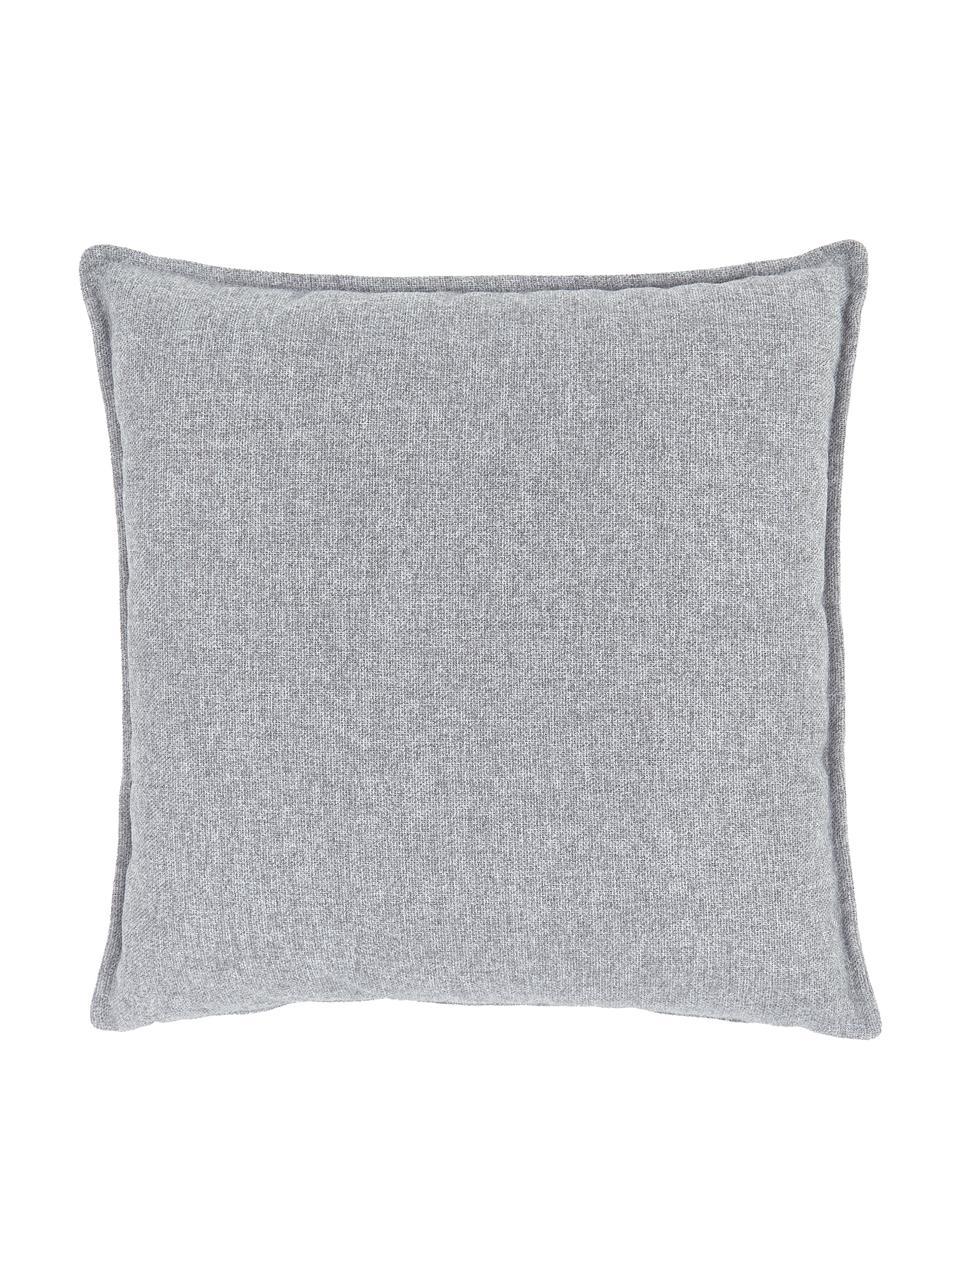 Cuscino arredo grigio chiaro Lennon, Rivestimento: 100% poliestere, Grigio chiaro, Larg. 60 x Lung. 60 cm